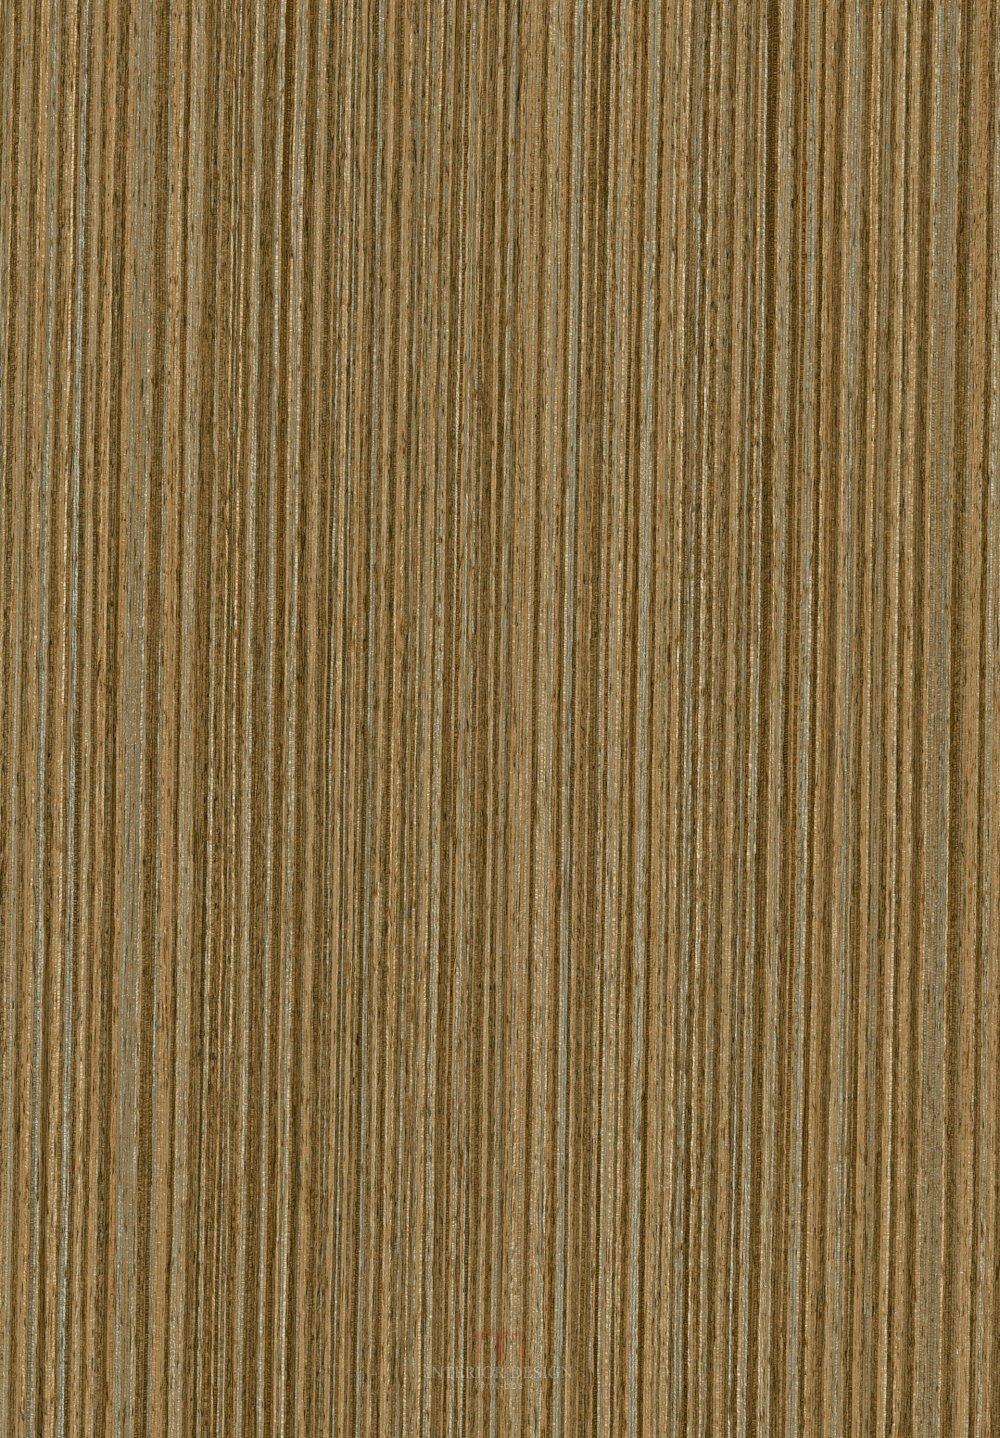 人造木纹_K6250_F0603.jpg